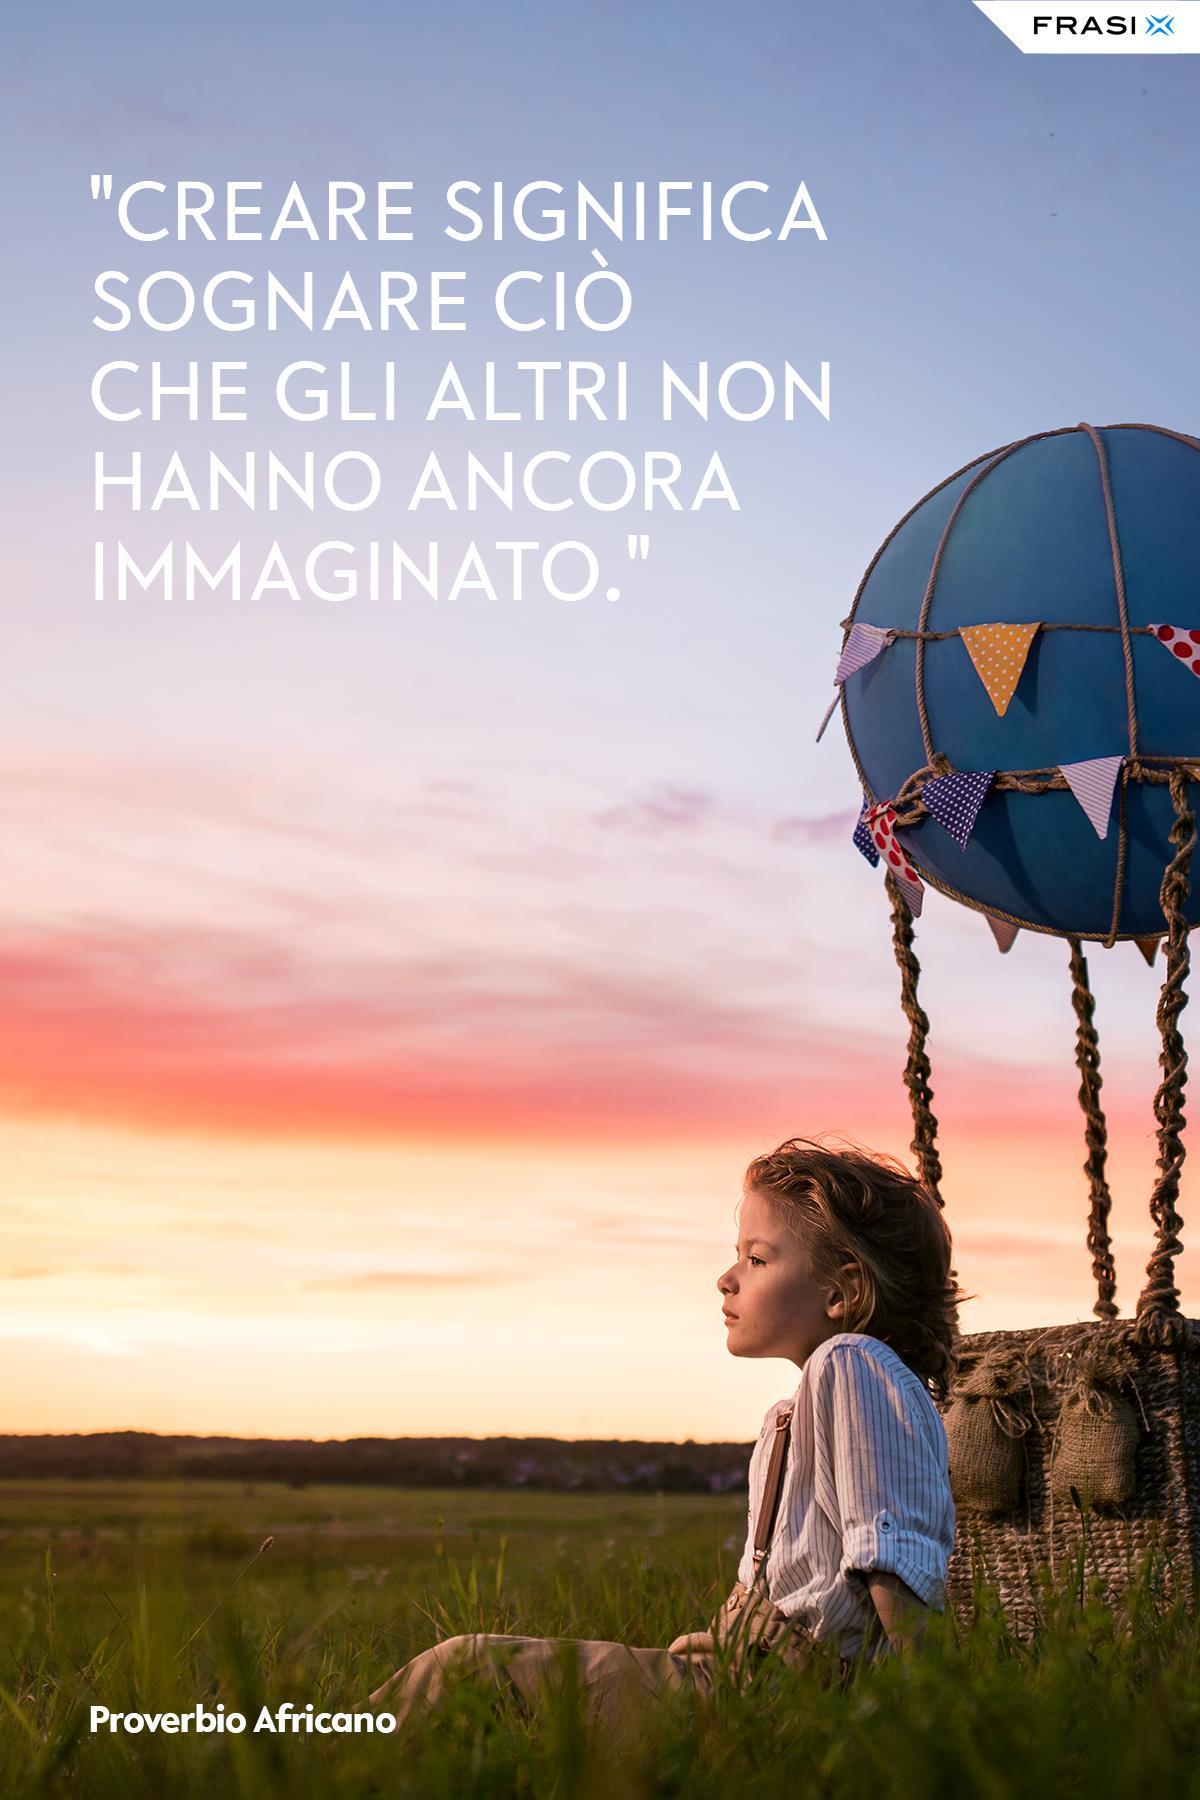 Creare significa sognare ciò che gli altri non hanno ancora immaginato.